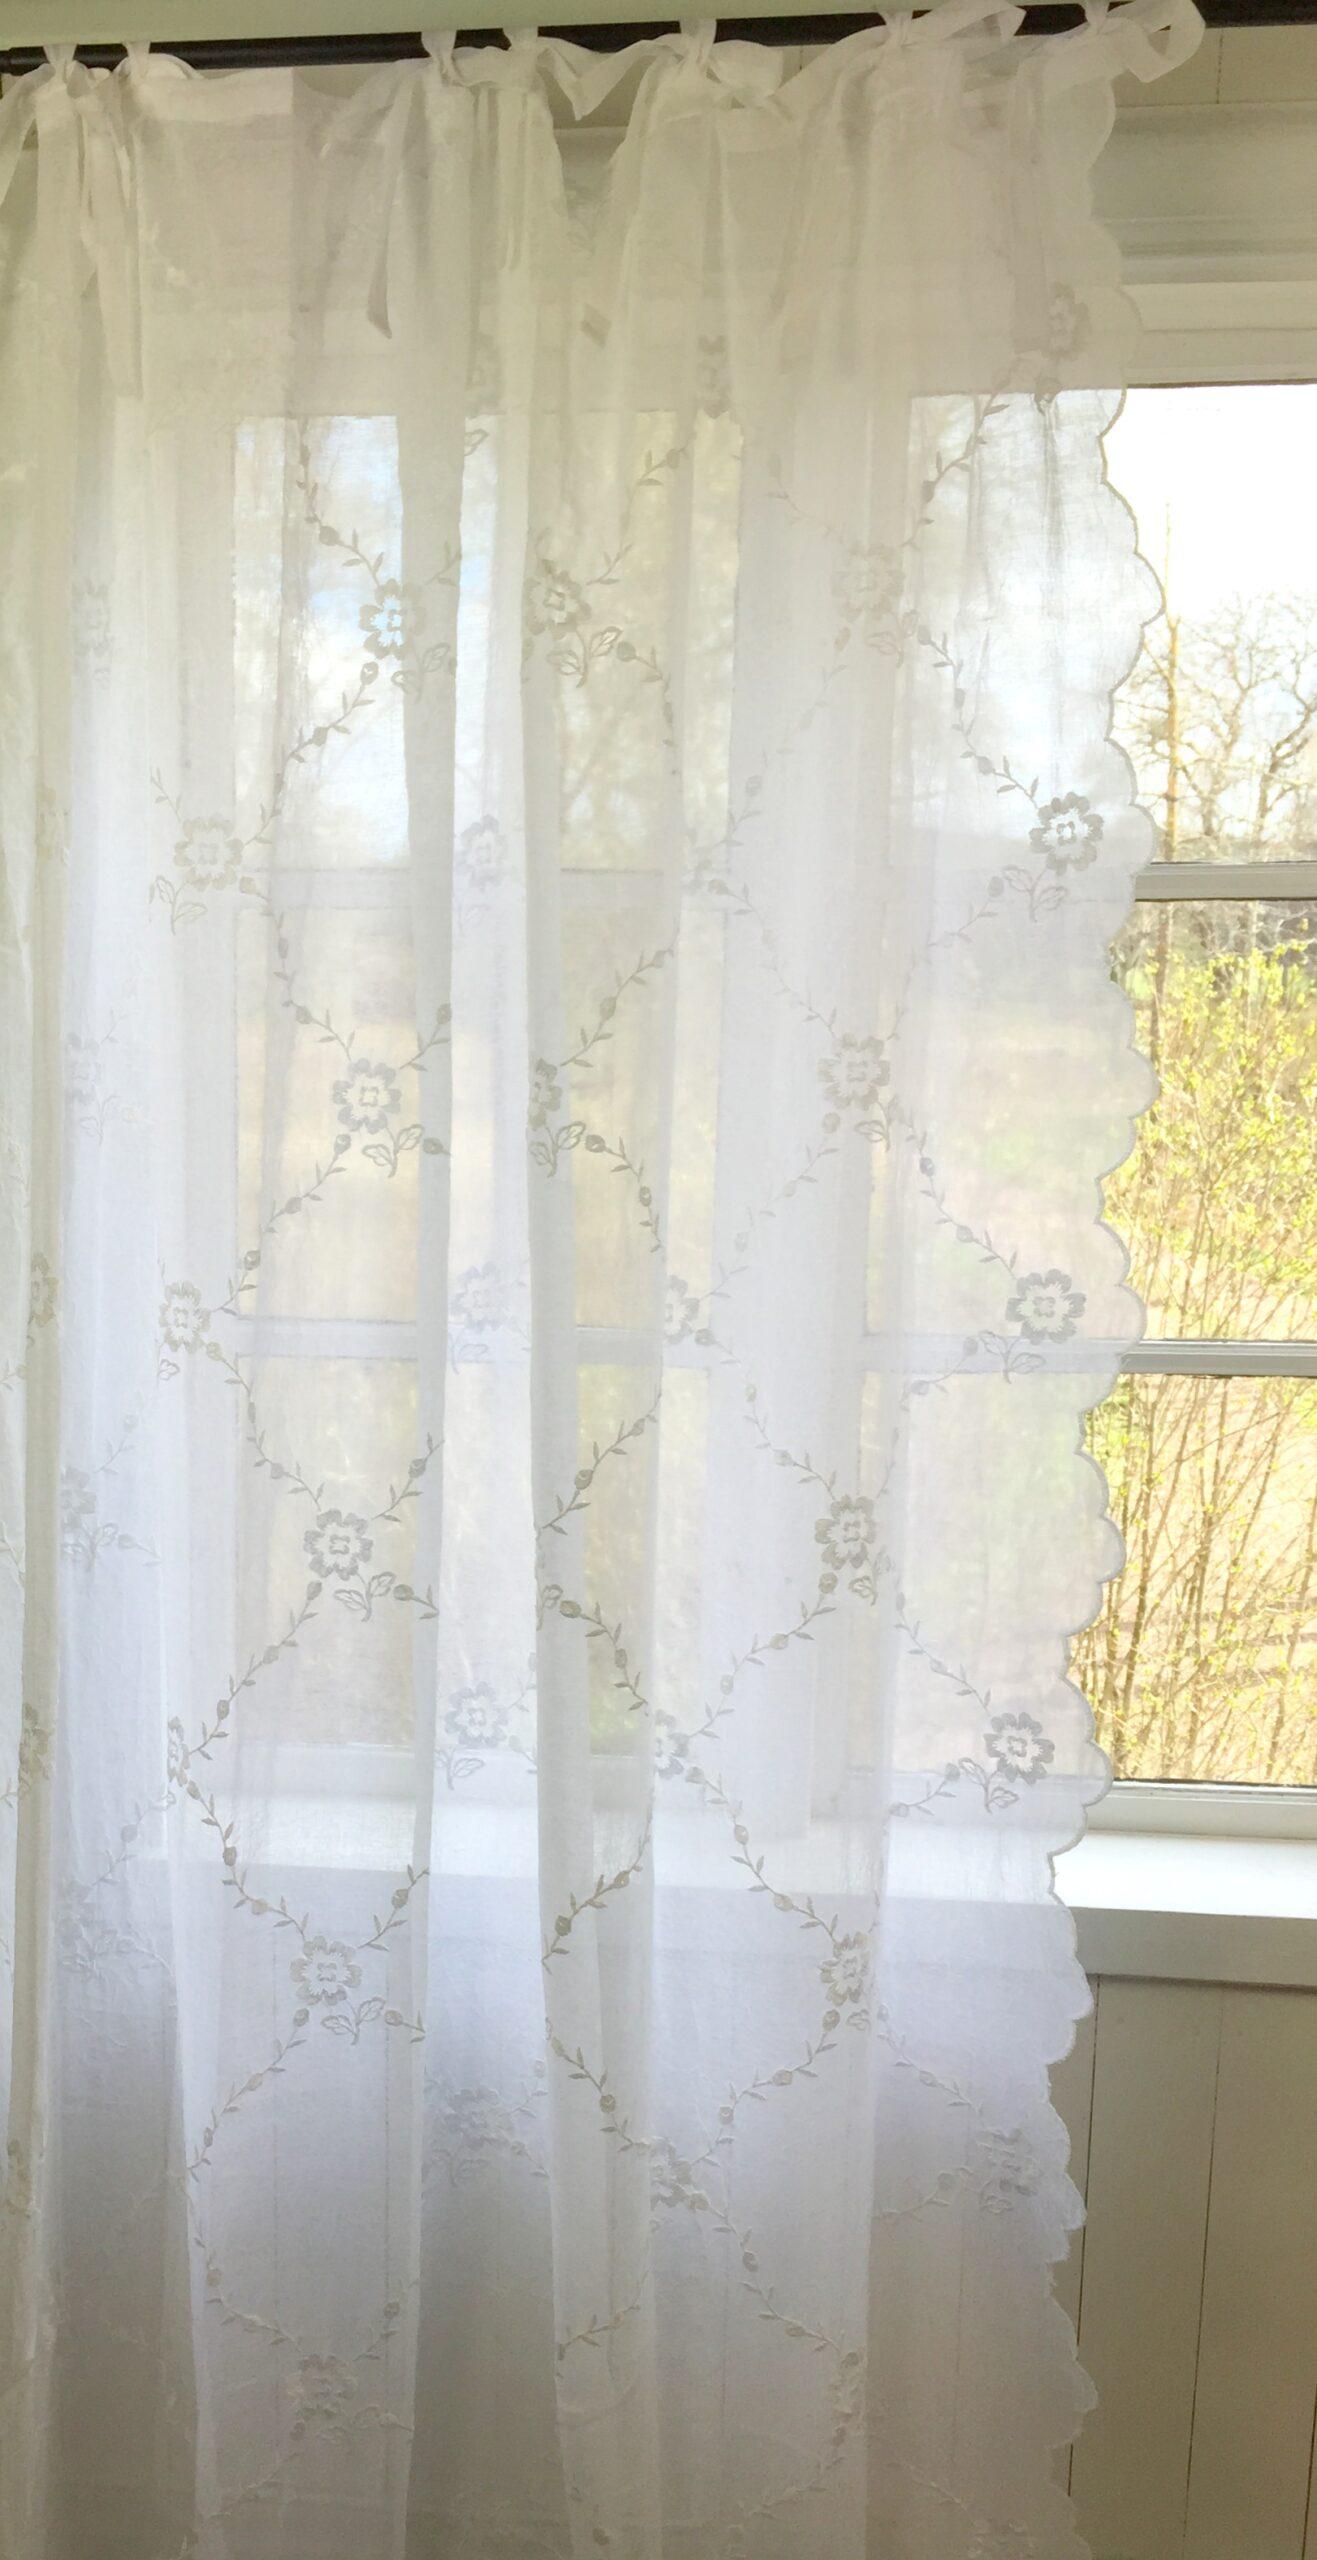 Full Size of Kchengardine Landhausstil Scheibengardine Weiss Leinenvorhang Kleiner Tisch Küche Wandpaneel Glas Gebrauchte Kaufen Grau Hochglanz Doppelblock Tapete Landhaus Wohnzimmer Küche Gardine